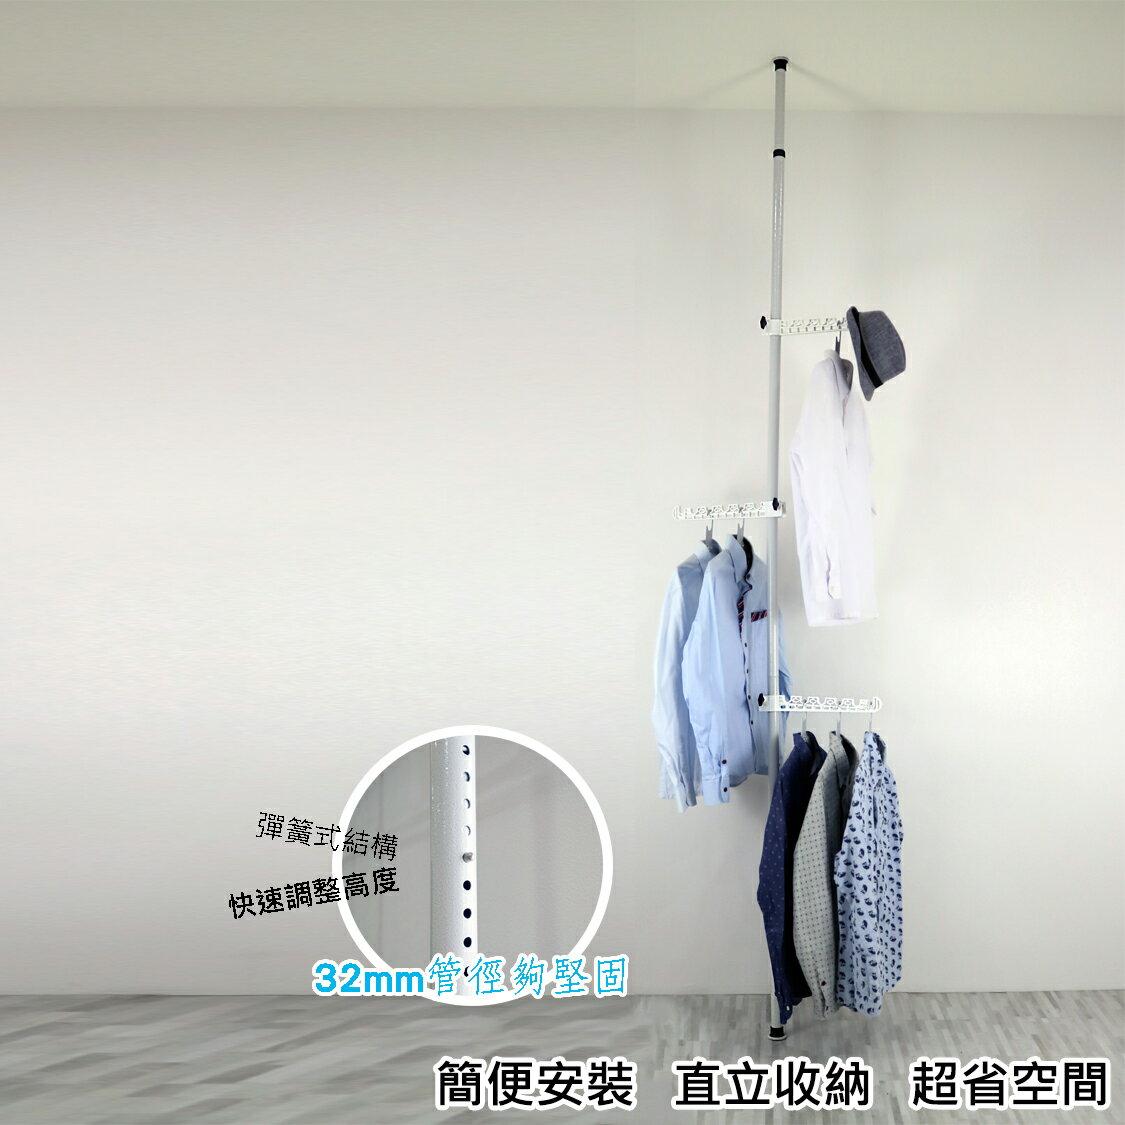 ECR011-1 頂天立地組合 易利裝生活五金 掛衣架 收納架 置物架 節省空間 免鑽孔 免釘 0